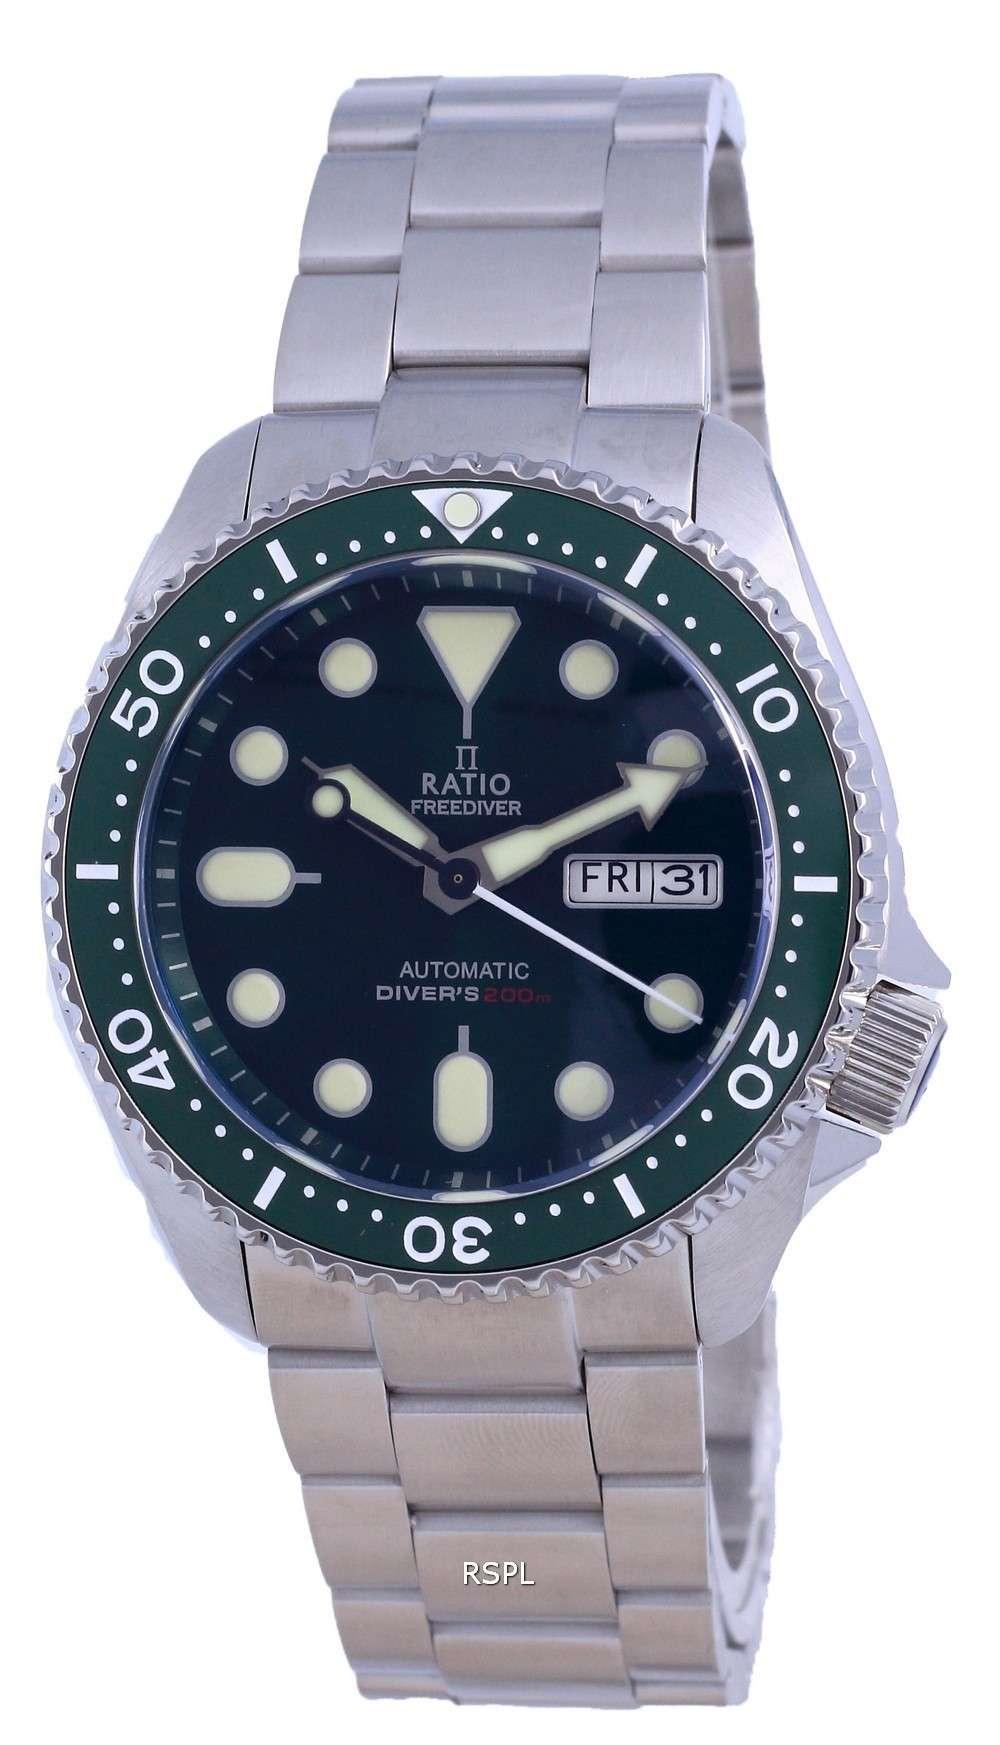 Ratio FreeDiver Reloj para hombre de acero inoxidable con esfera verde y automático RTA105 200M